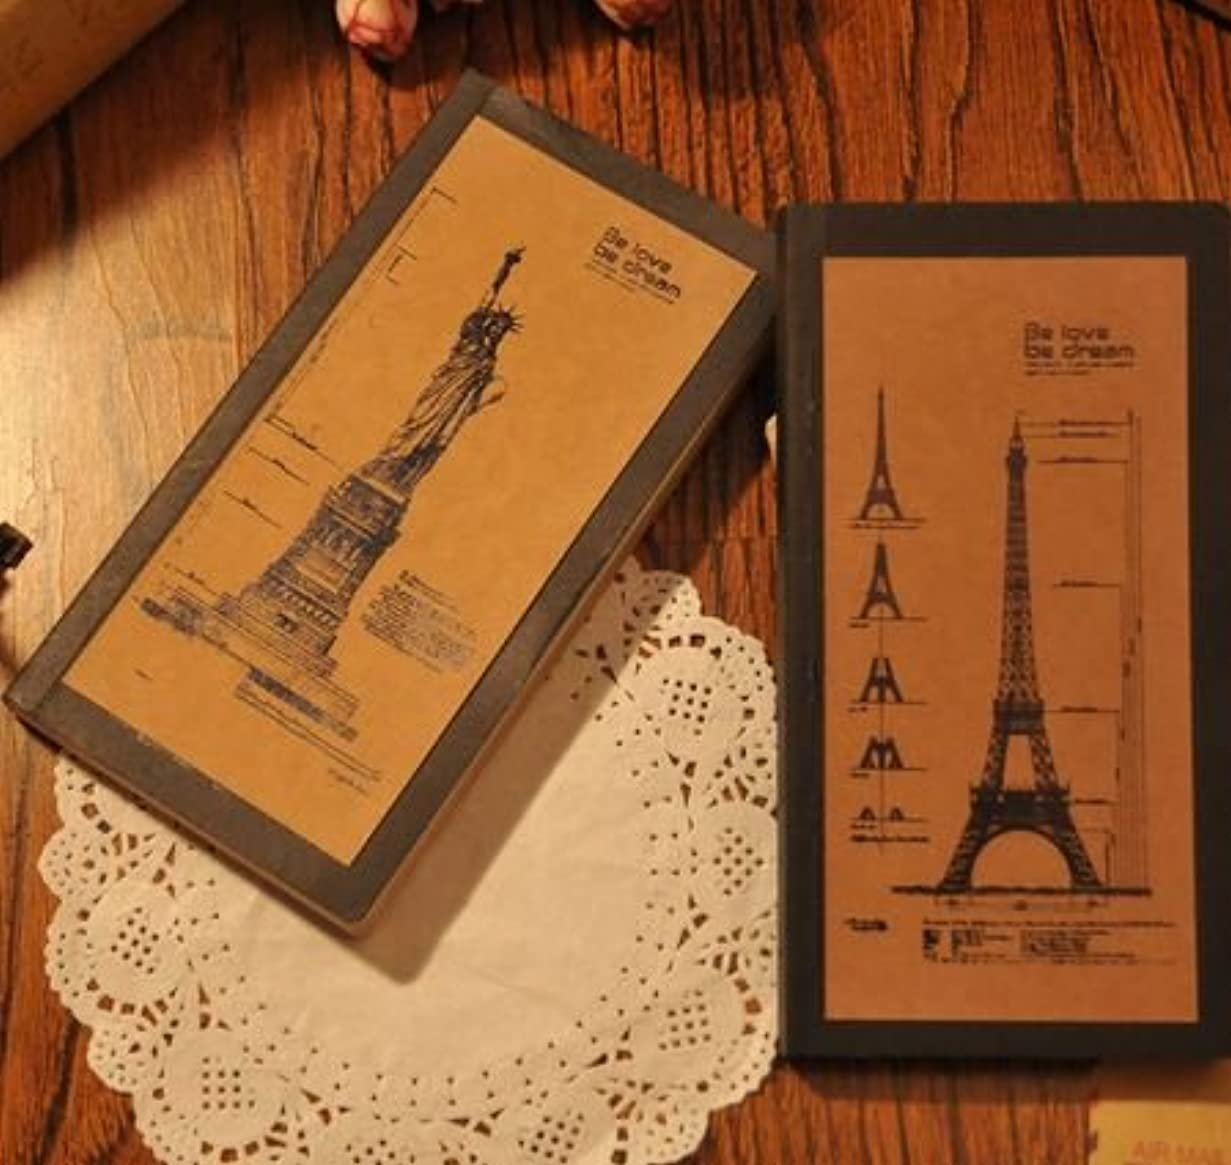 ビンテージ風 セピアな エッフェル塔 & 自由の女神 デザイン ノート 2冊セット